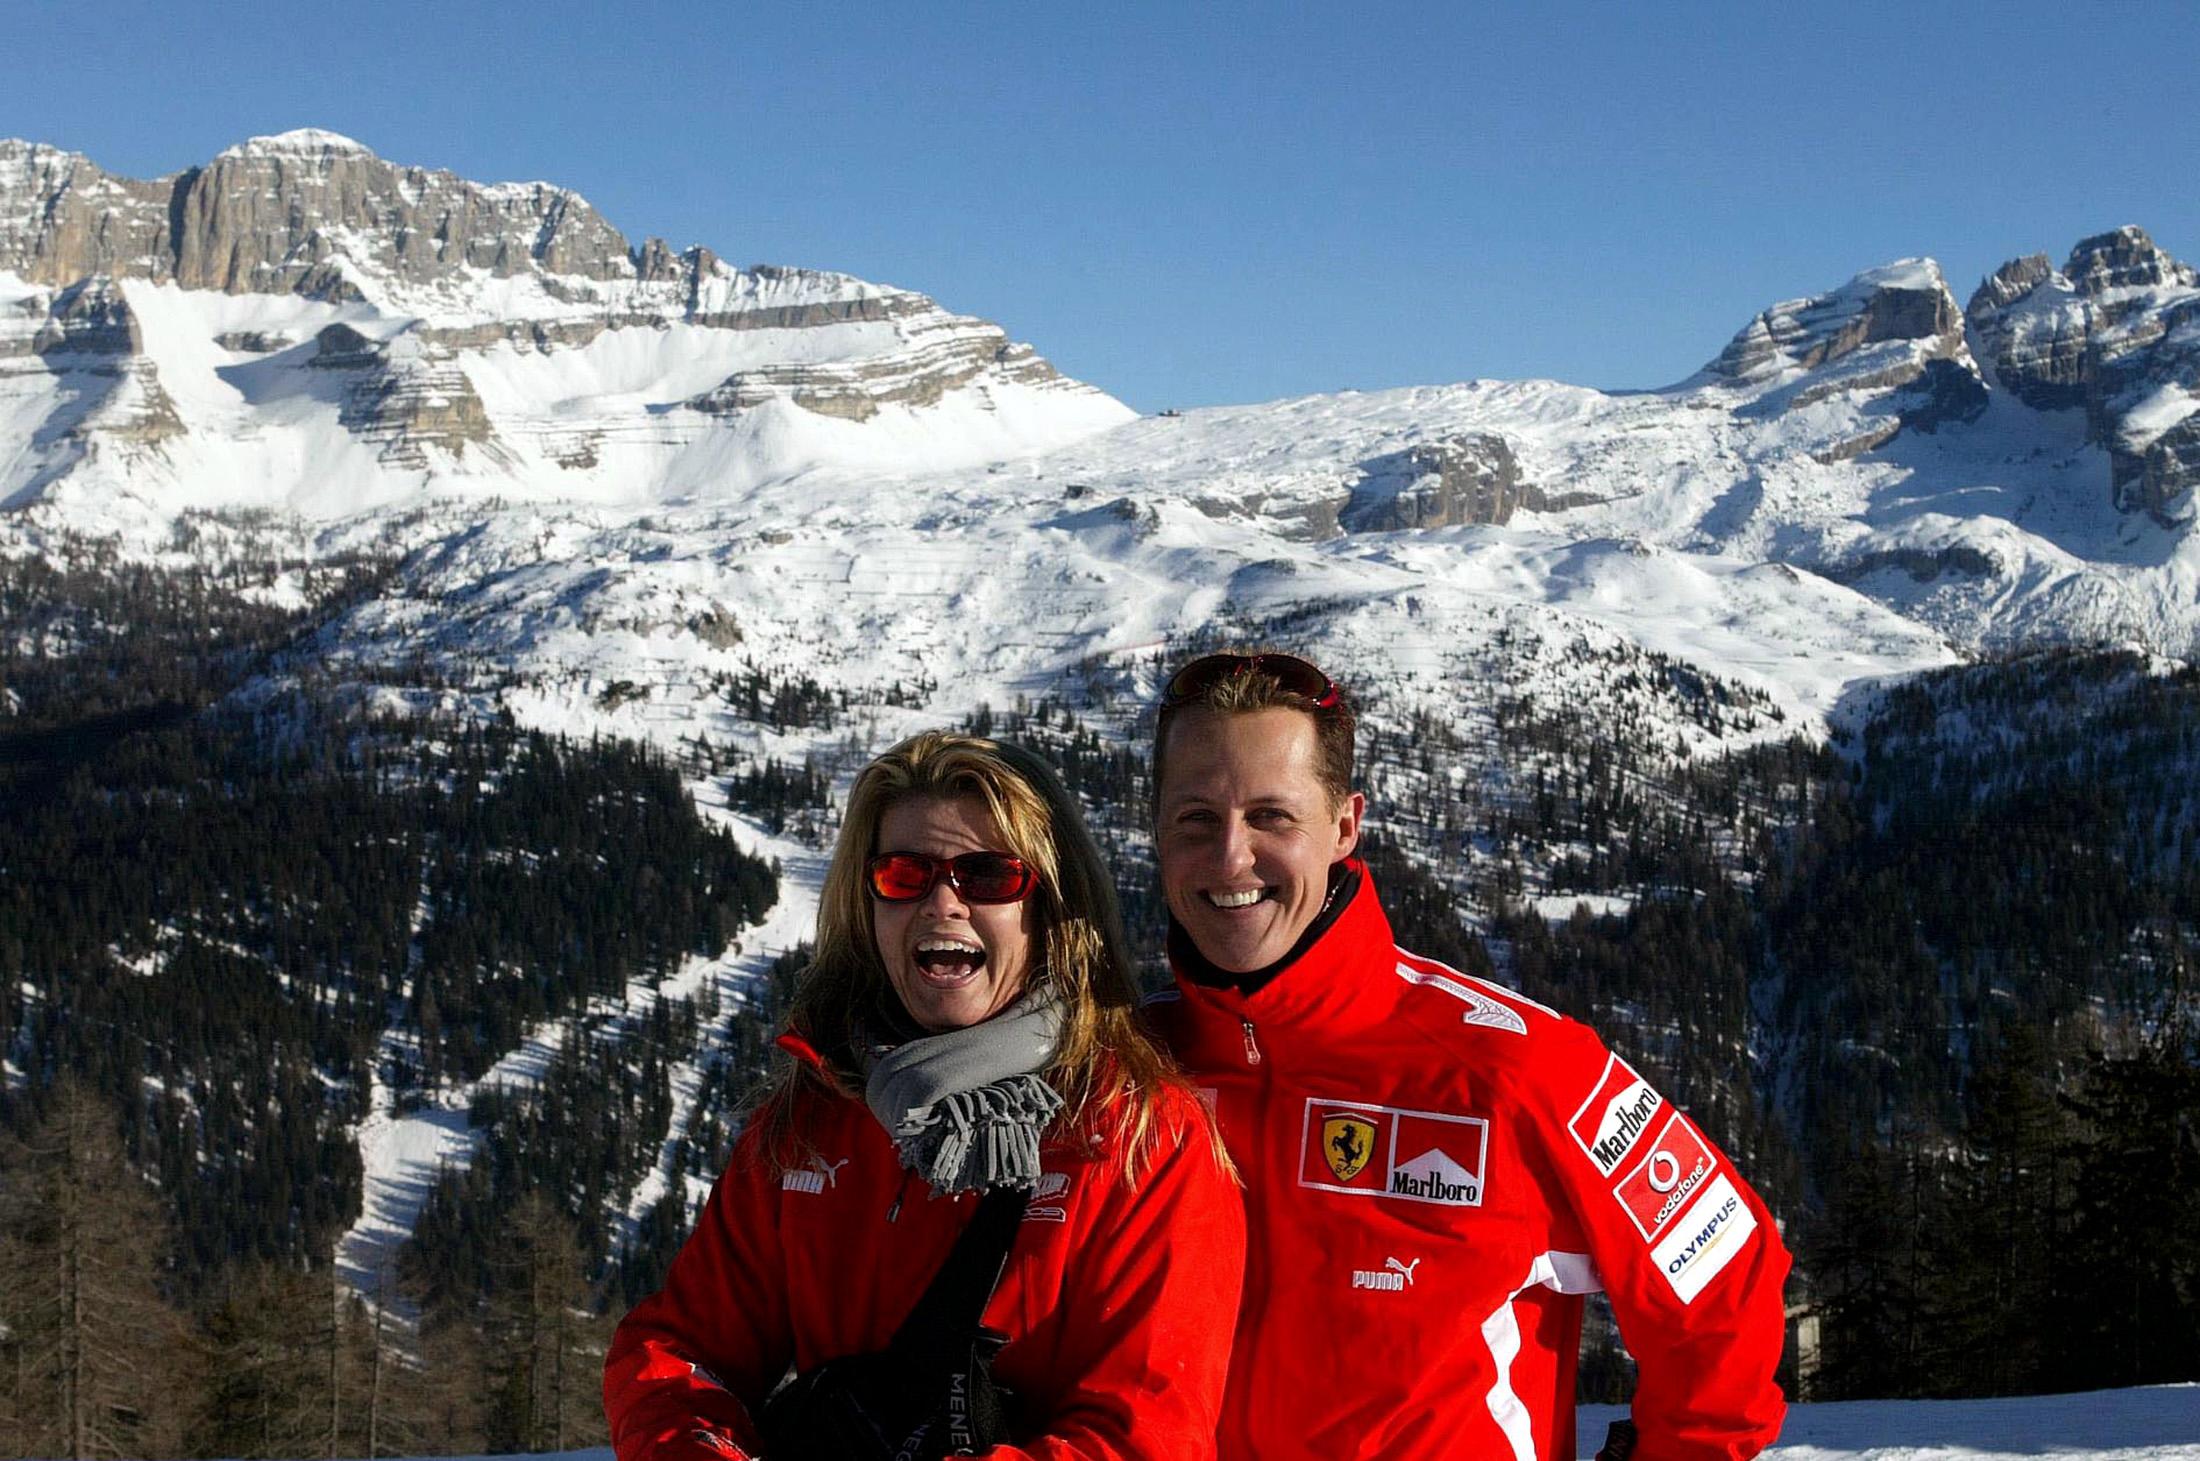 Arhivska fotografija iz 2005. godine: Michael Schumacher sa suprugom Corinnom